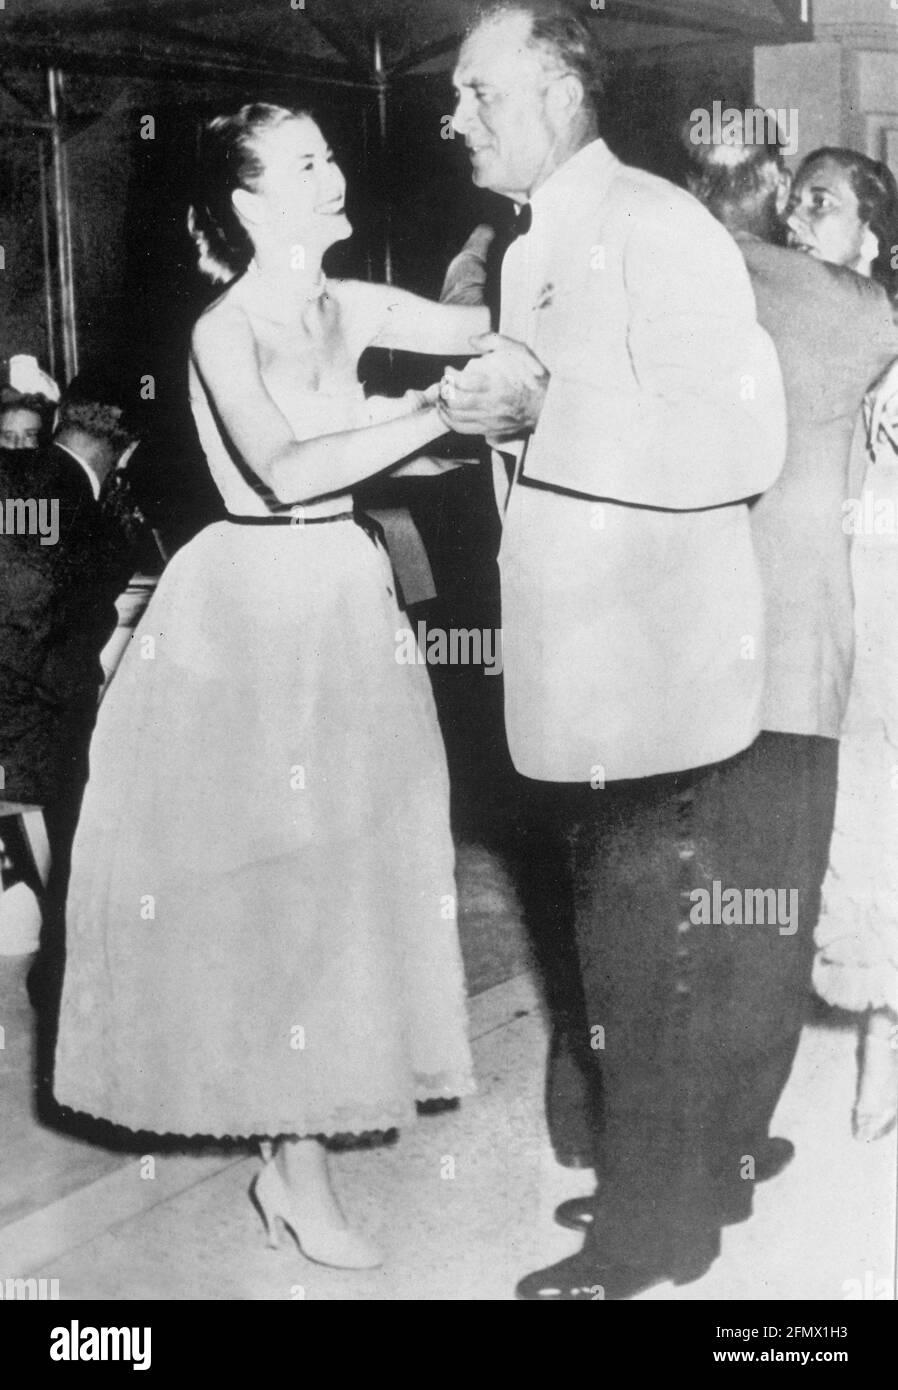 Kelly, Grace, 12.11.1929 -14,9.1982, actriz estadounidense, con su padre John Brendan Kelly, DERECHOS ADICIONALES-LIQUIDACIÓN-INFO-NO DISPONIBLE Foto de stock